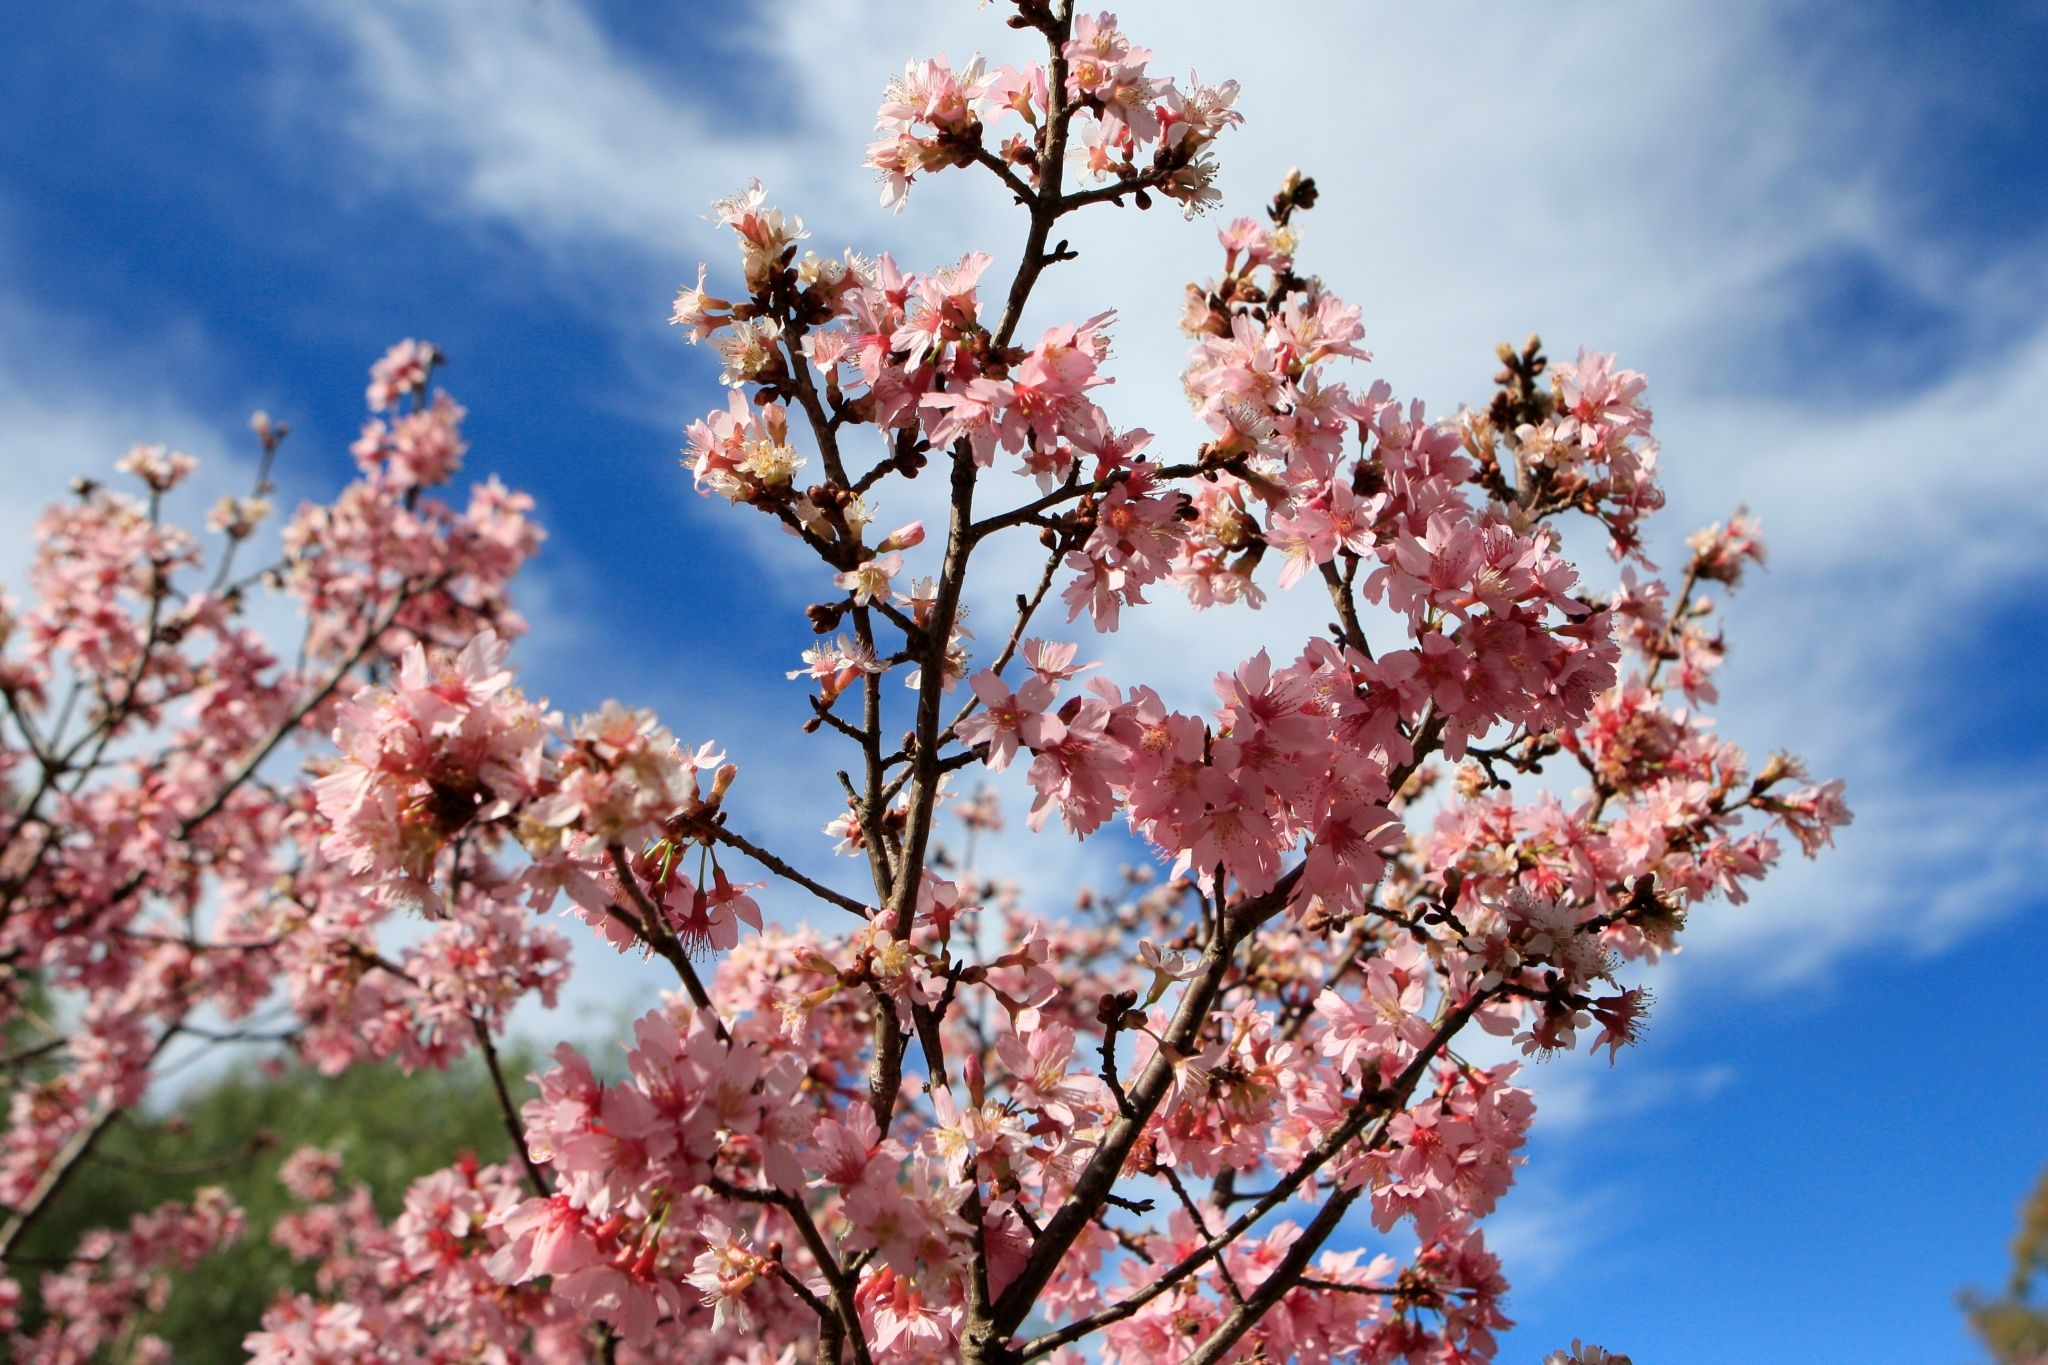 cherry blossom beautiful wallpaper desktop Cherry